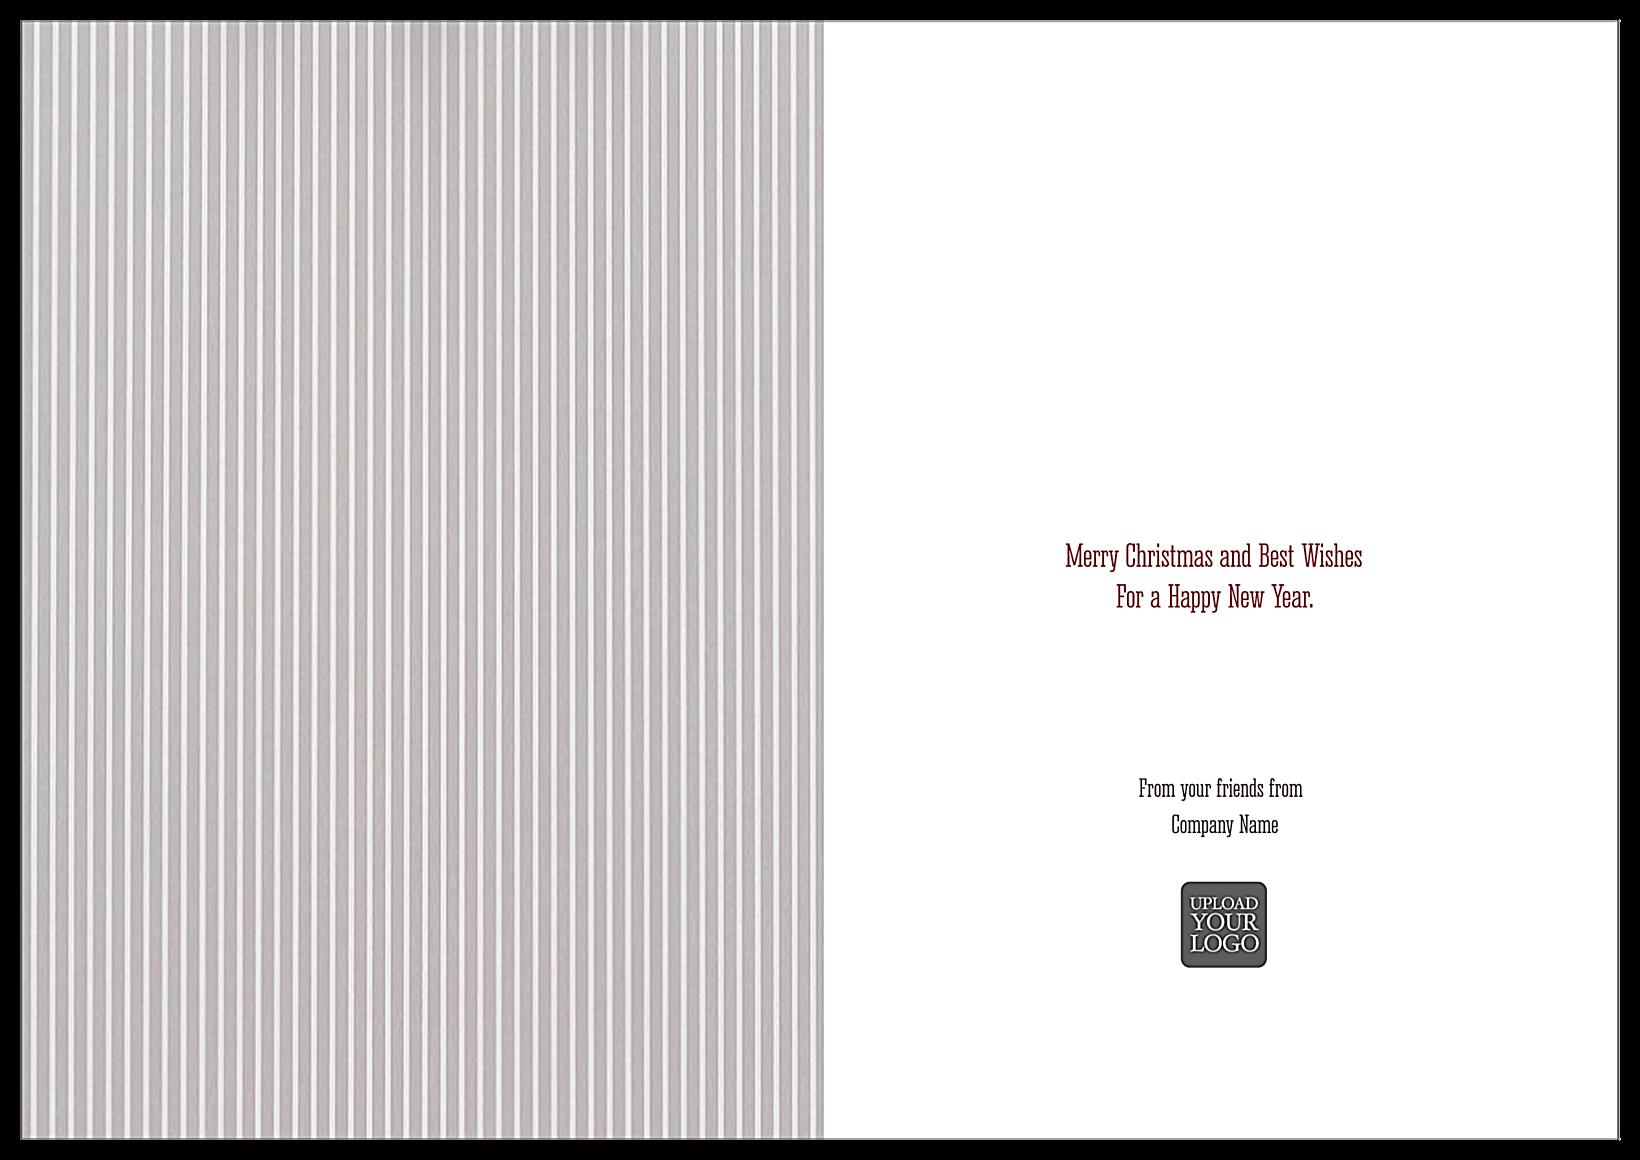 Striped Joy back - Greeting Cards Maker